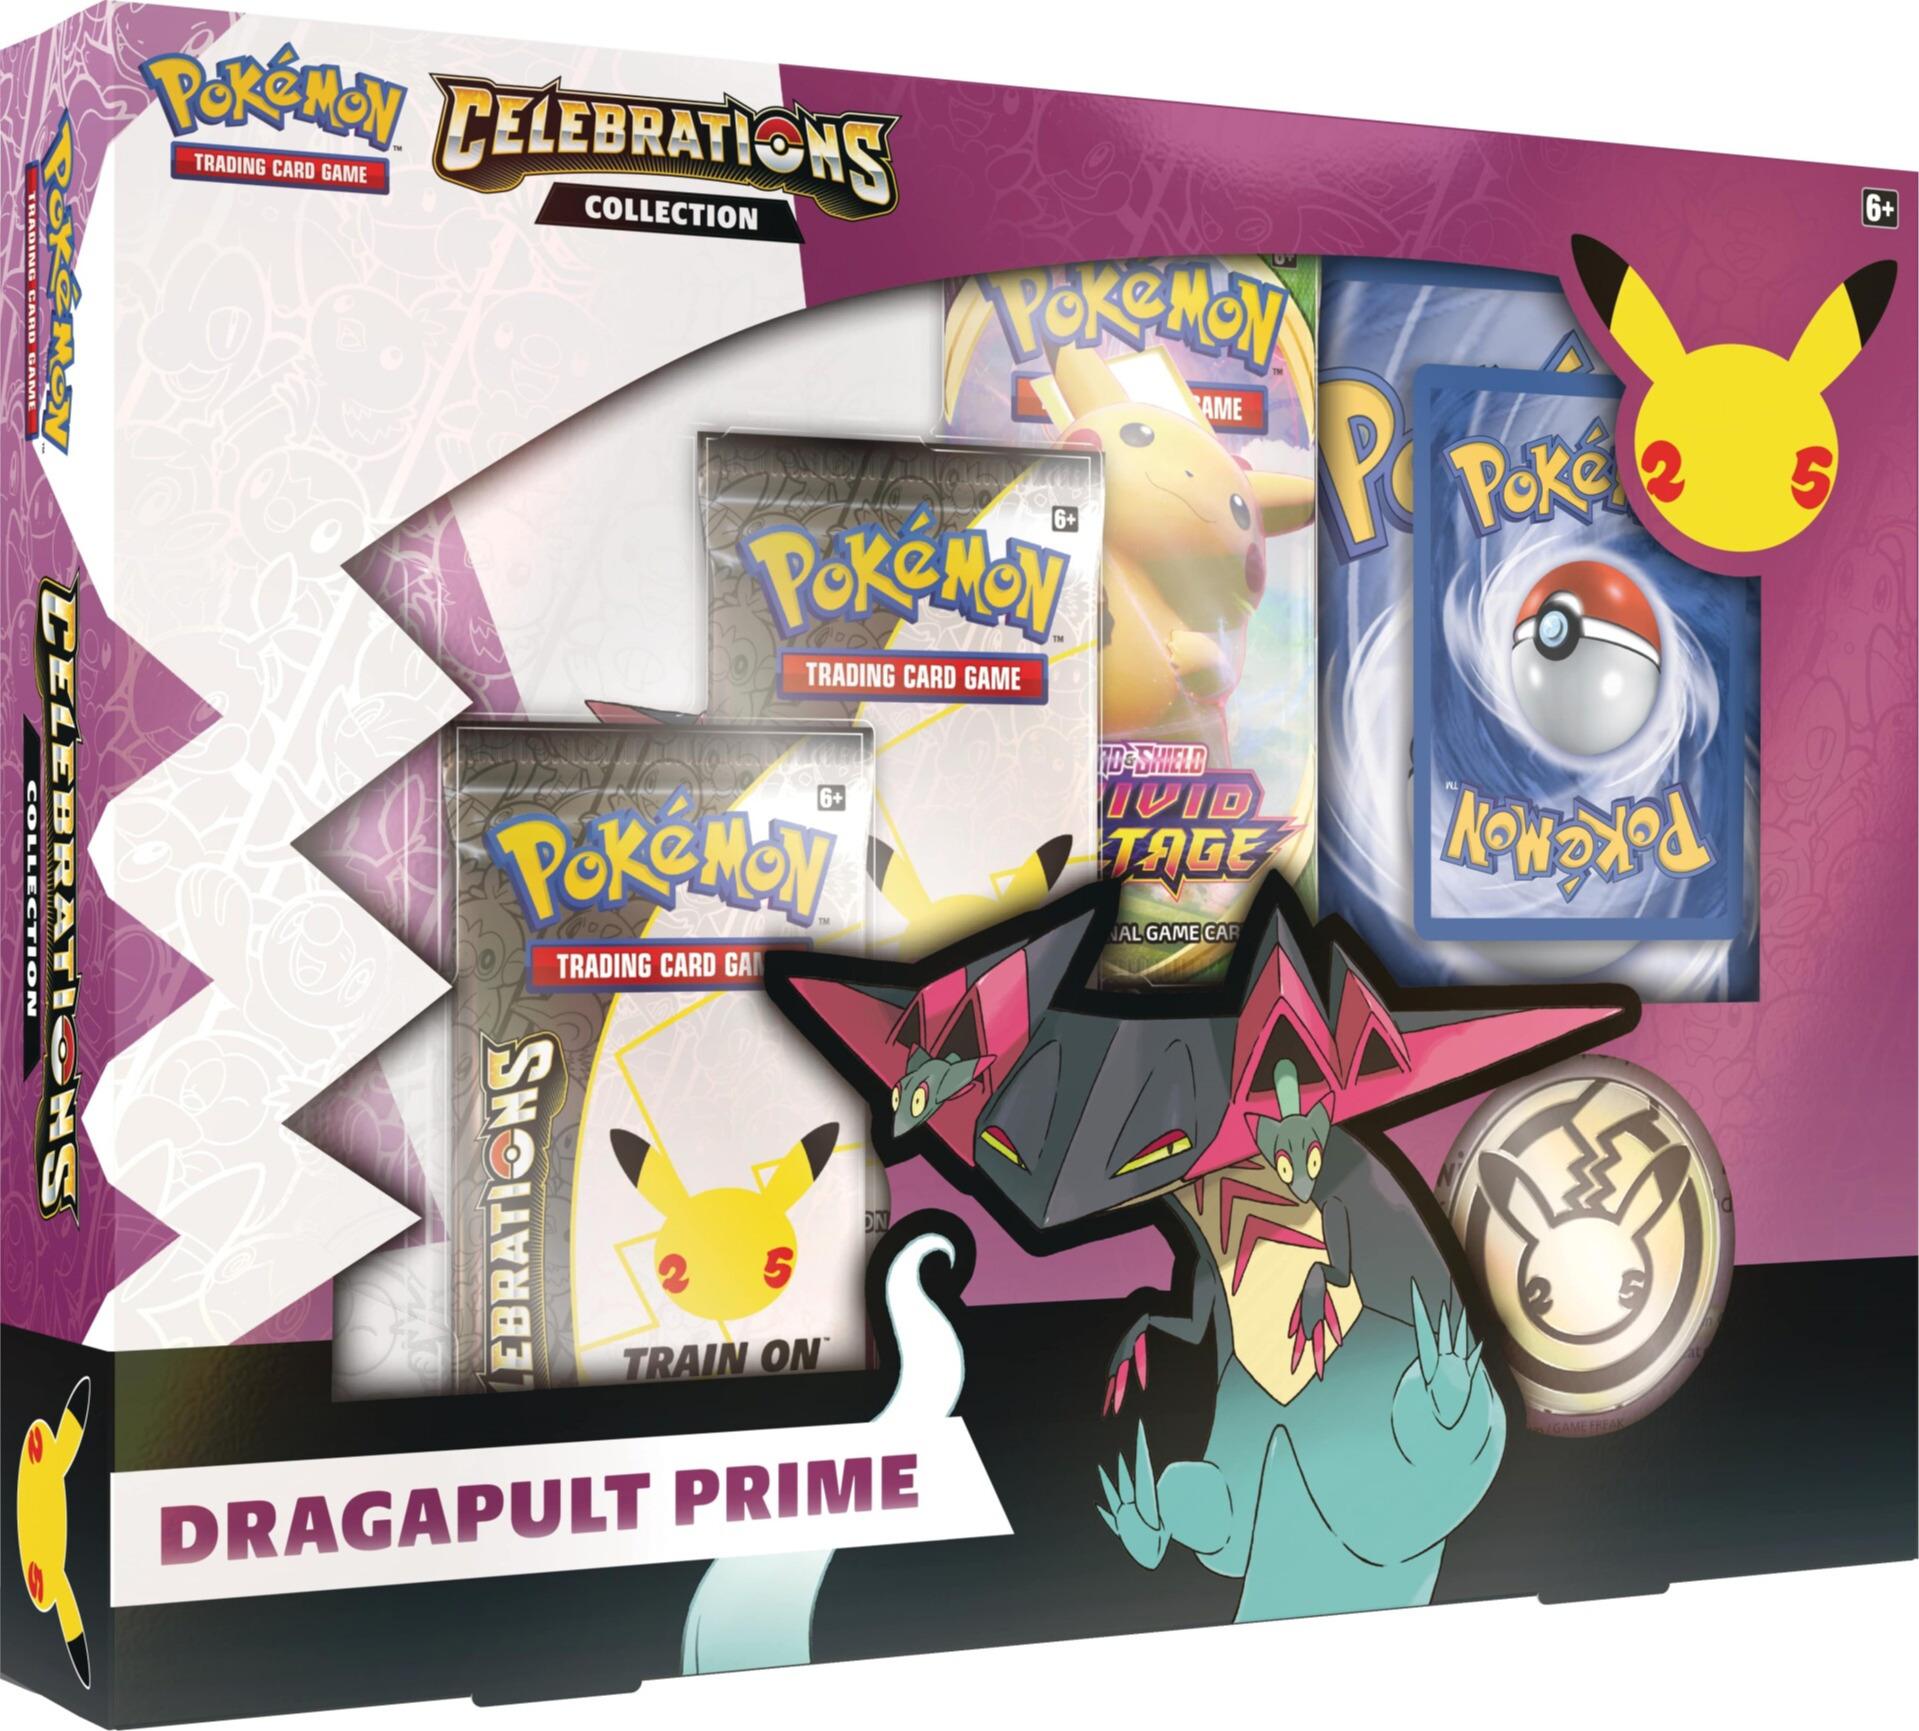 Karetní hra Pokémon TCG: Celebrations - Dragapult Prime Collection